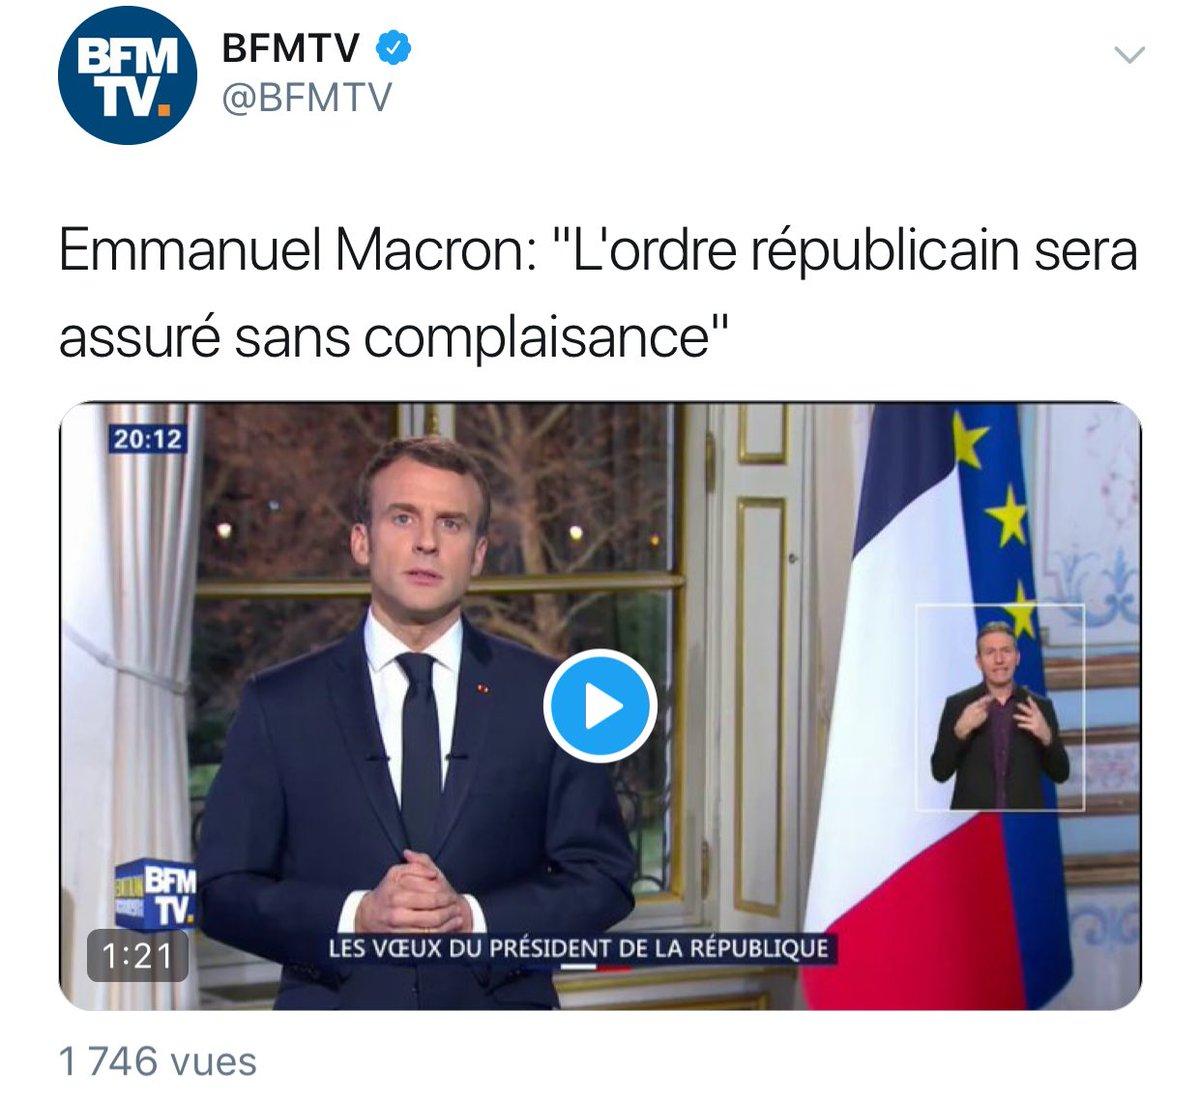 LES LUTTES EN FRANCE vers la restructuration politique (Gilets jaunes) : les débats continués 17 déc.- mars 2019 DvxMpPxW0AA0OKU